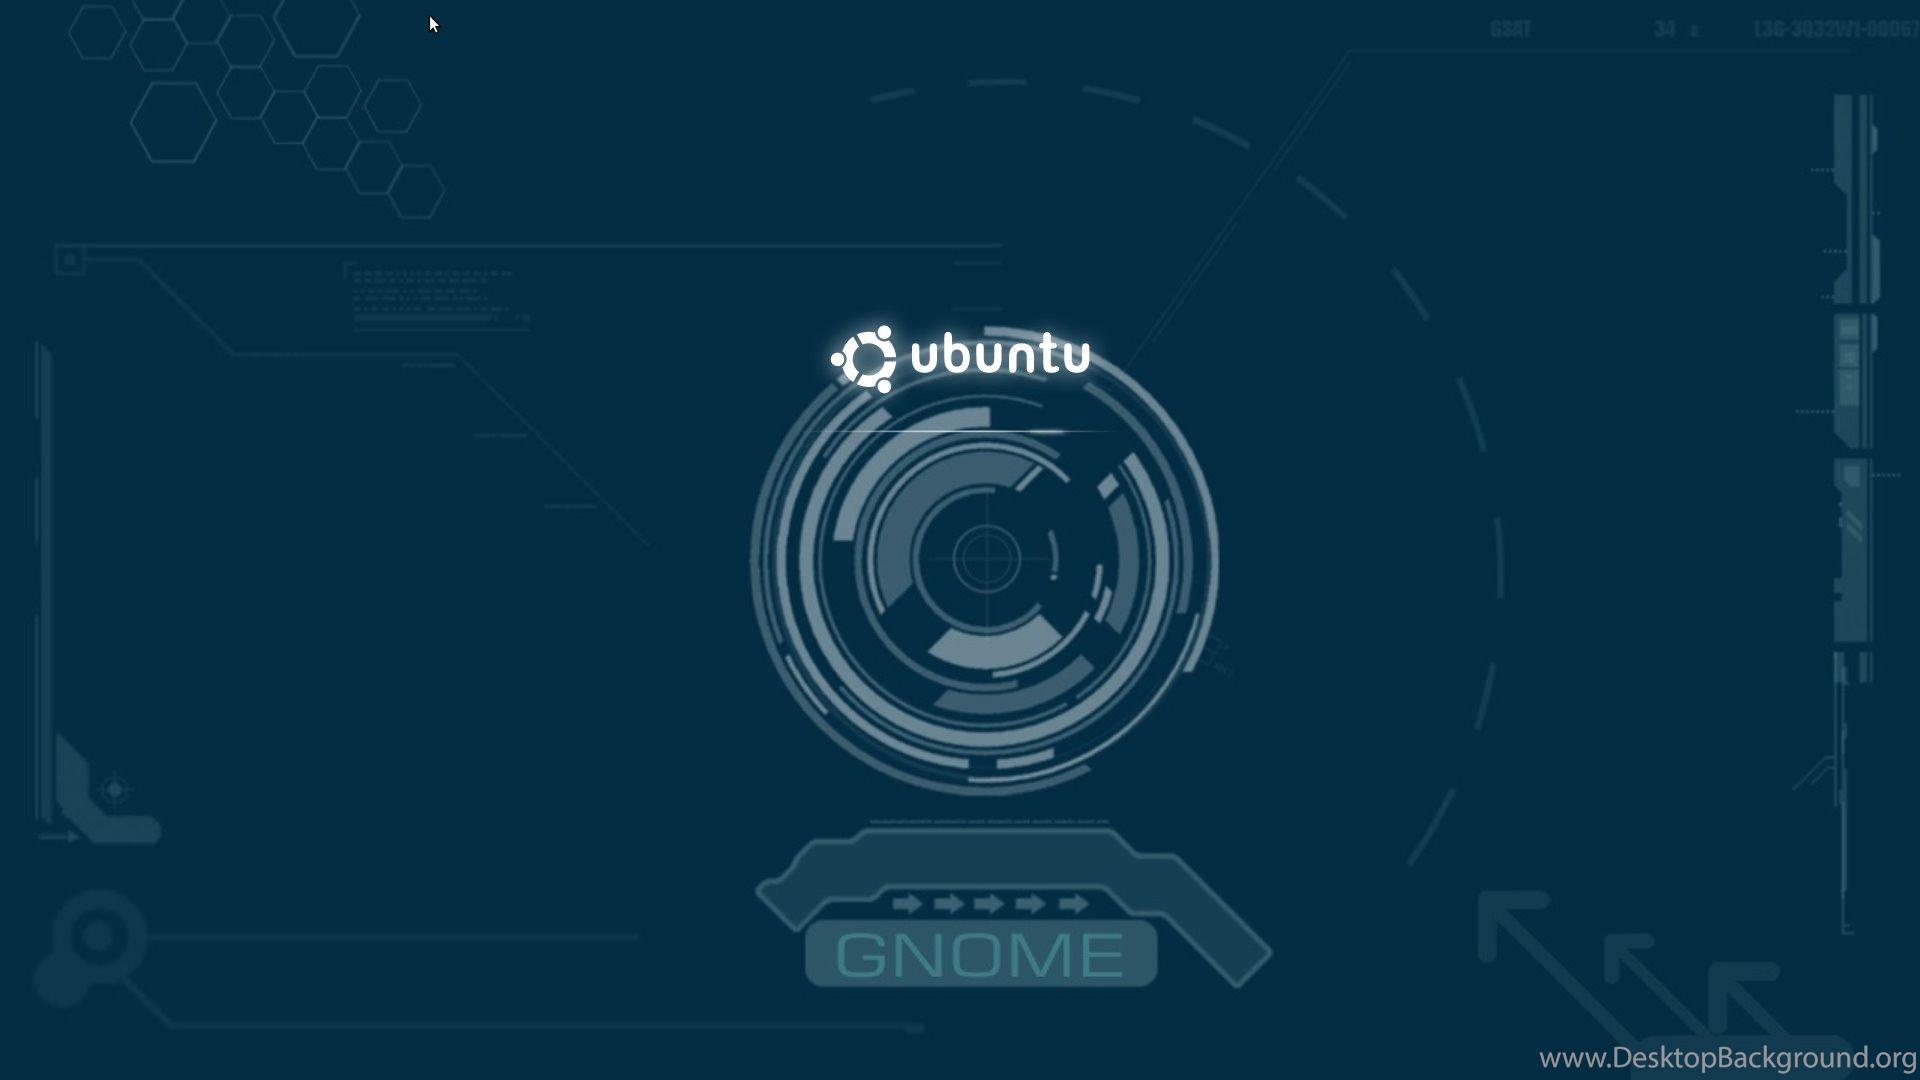 30+ Amazing Ubuntu Wallpapers And Backgrounds